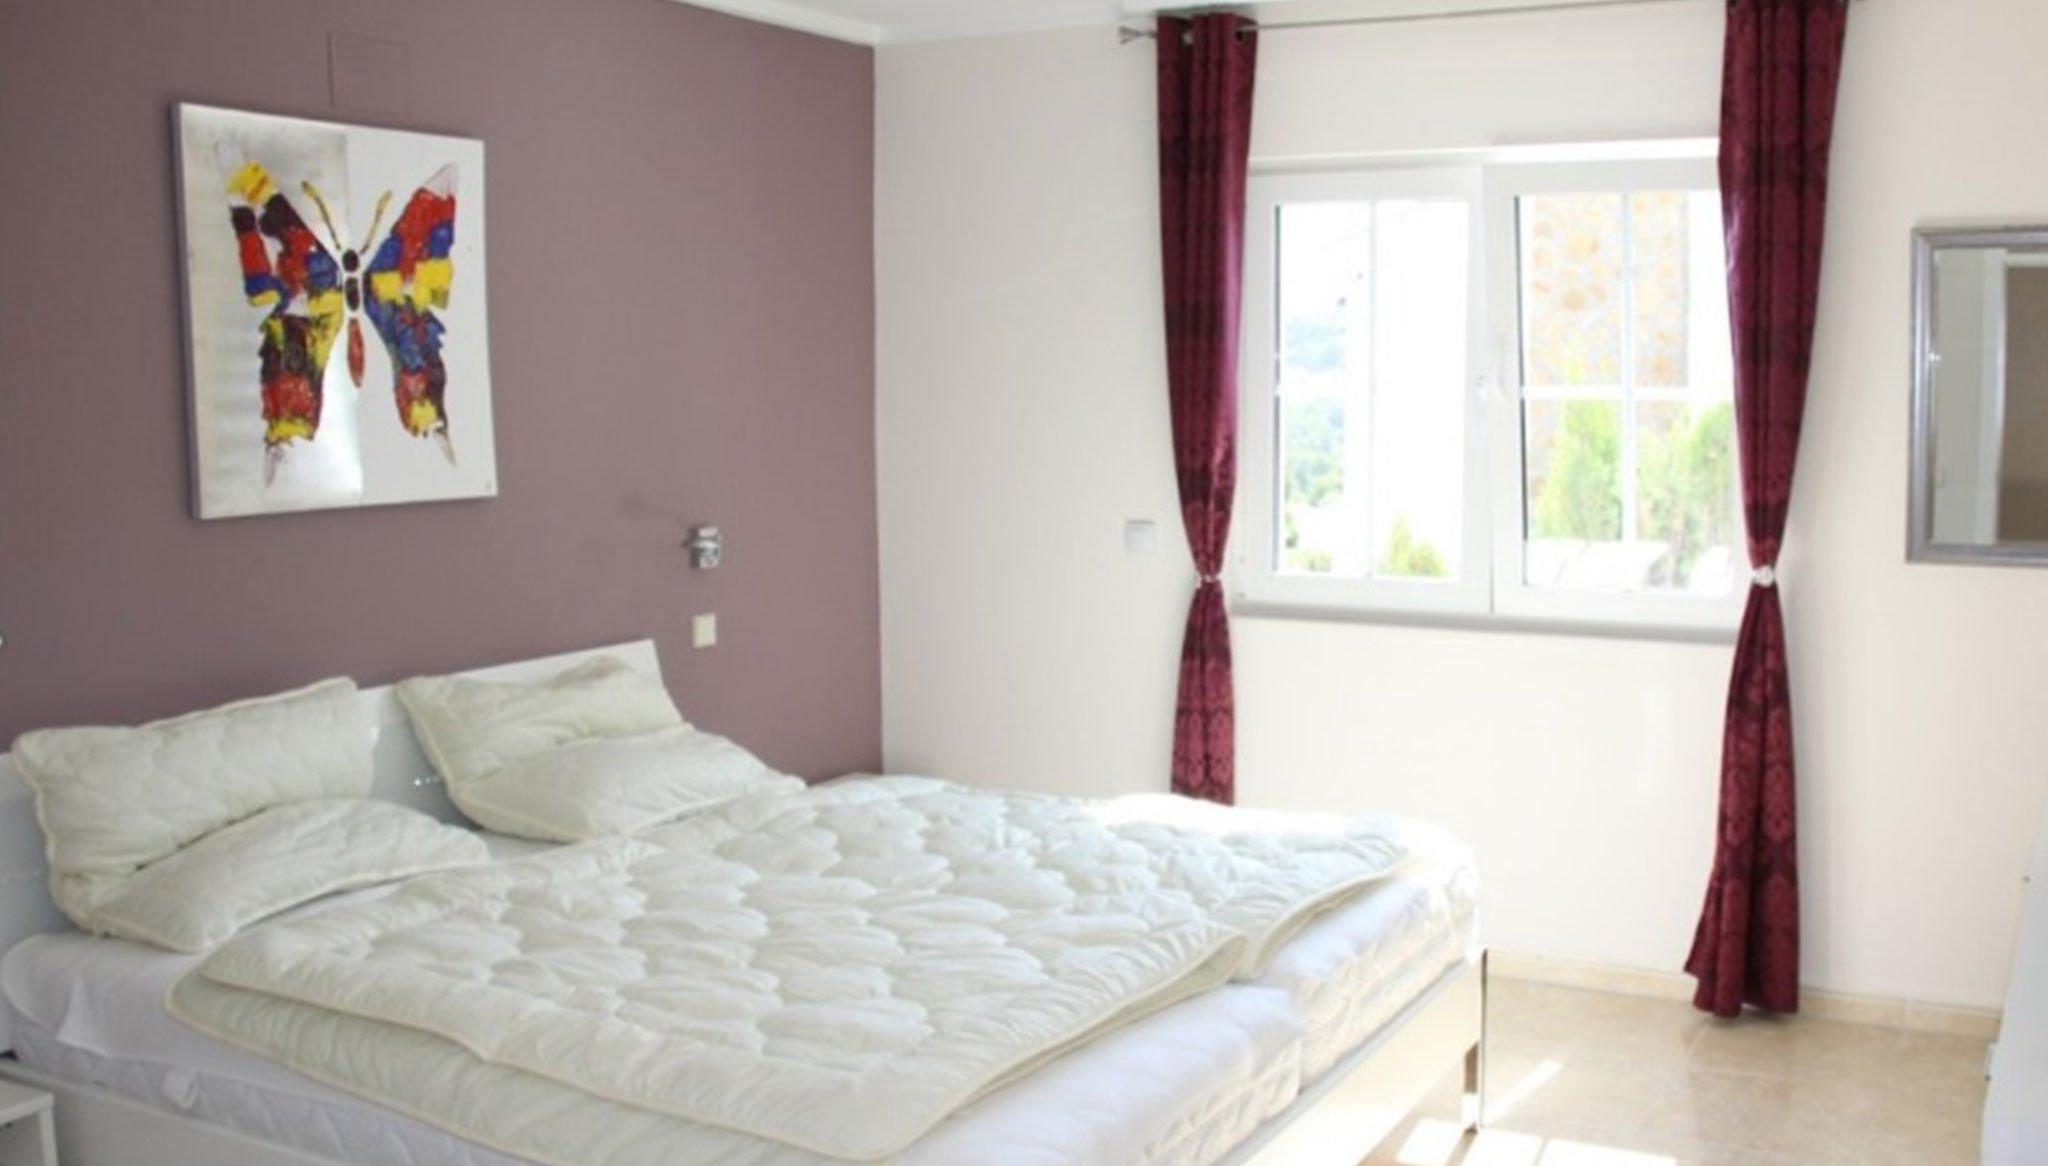 Dormitorio en una villa de alto standing en venta en Jávea – Terramar Costa Blanca